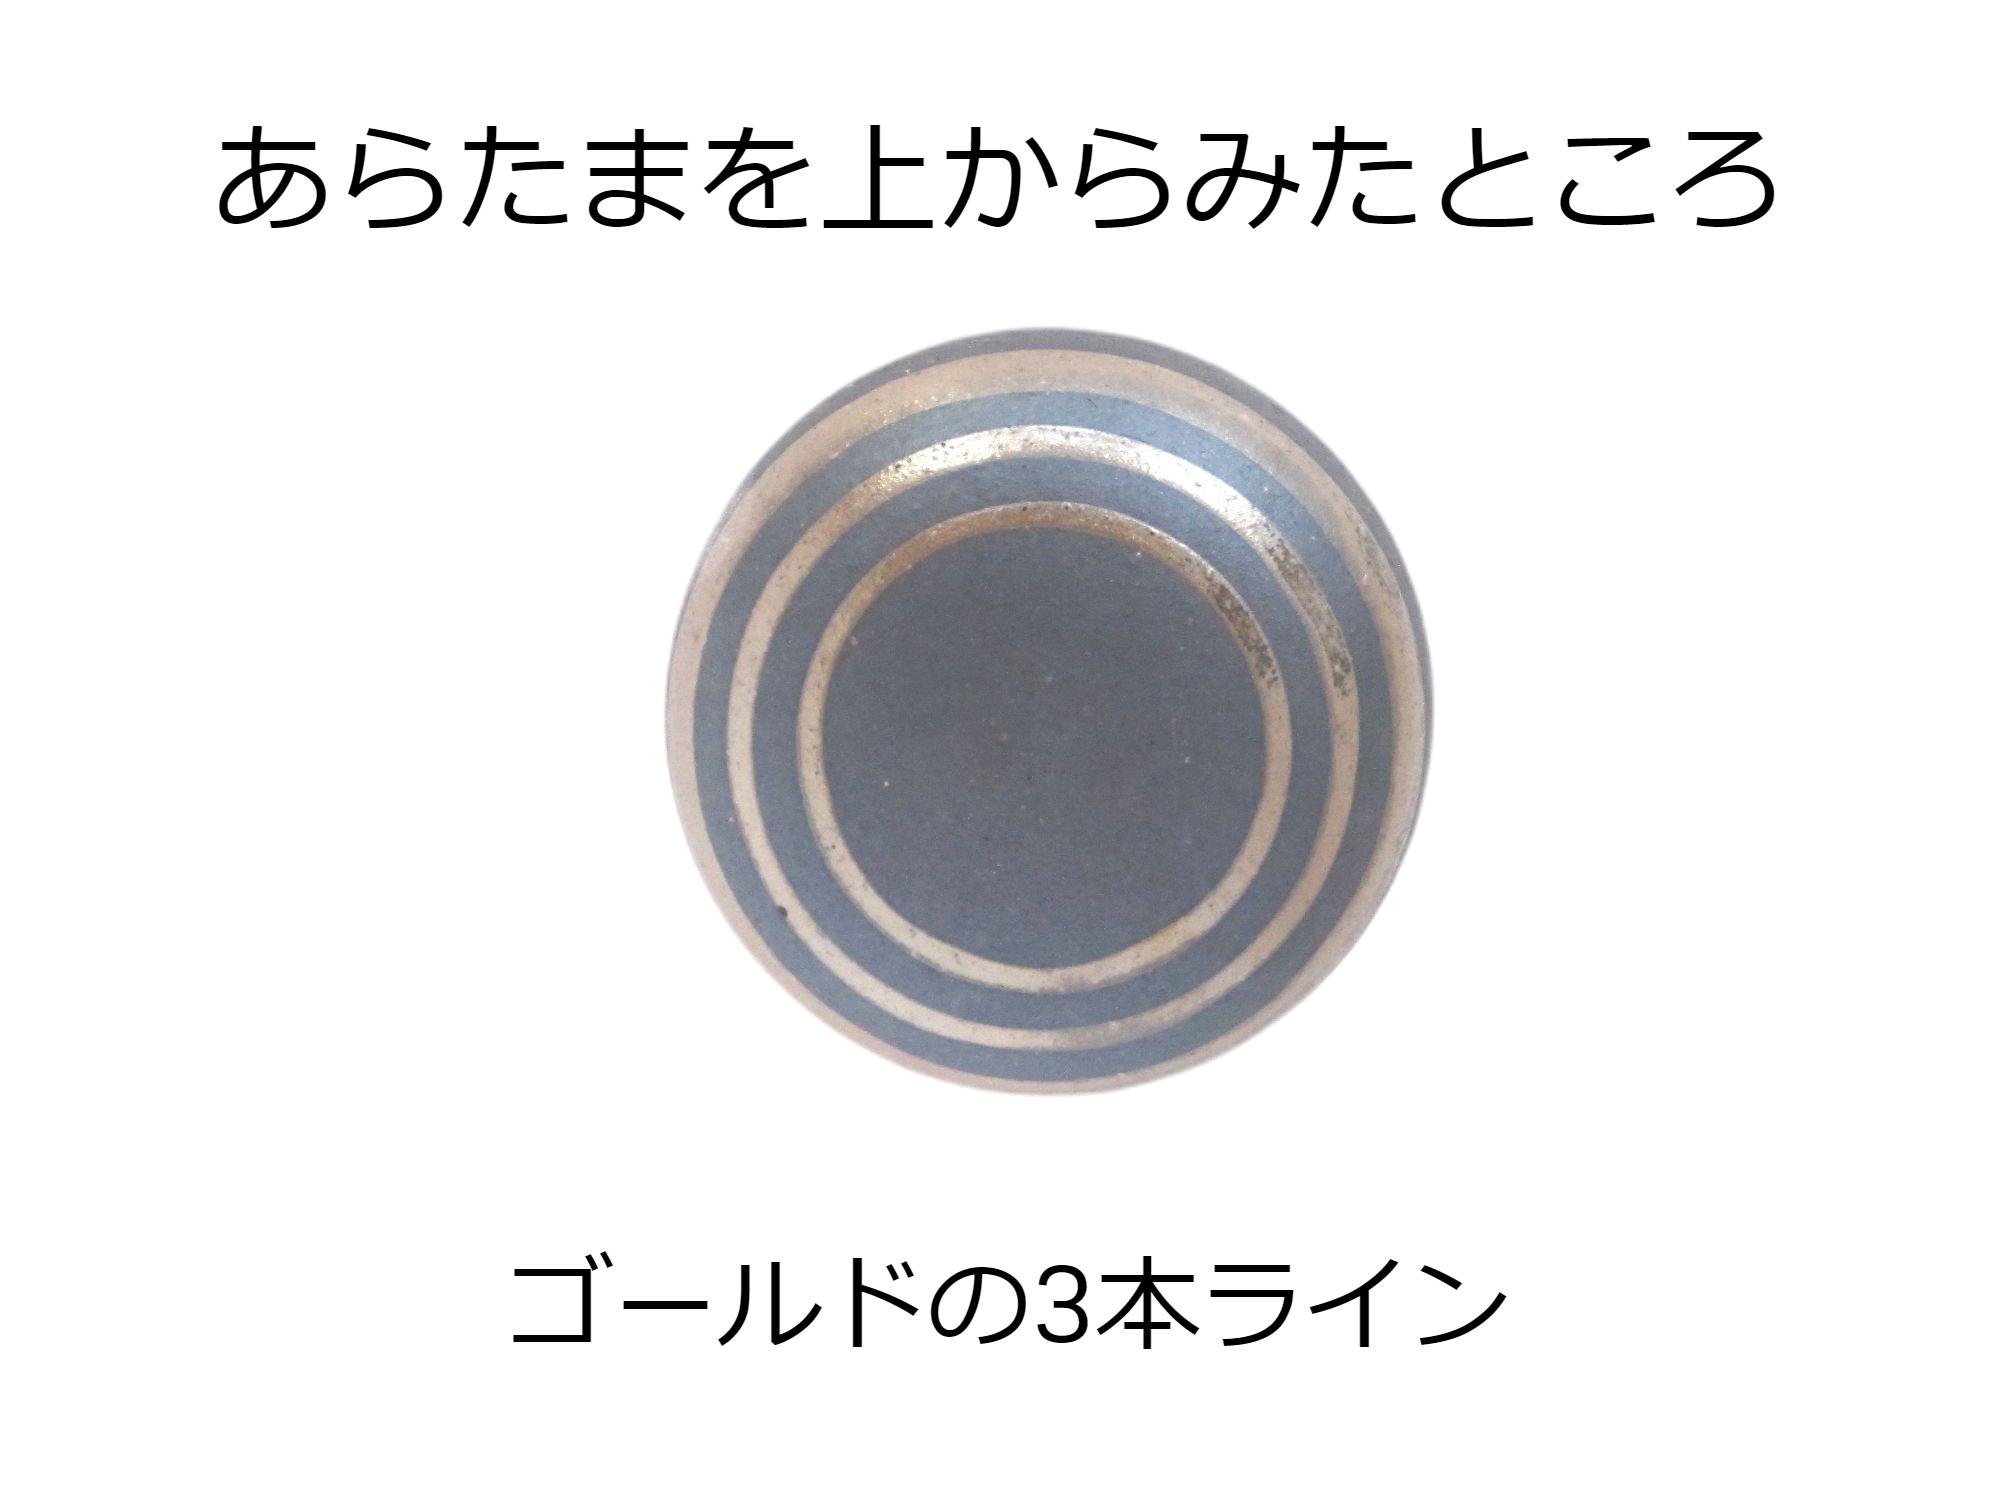 信楽焼の手元供養 こころの杖 ミニ骨壷 INORI